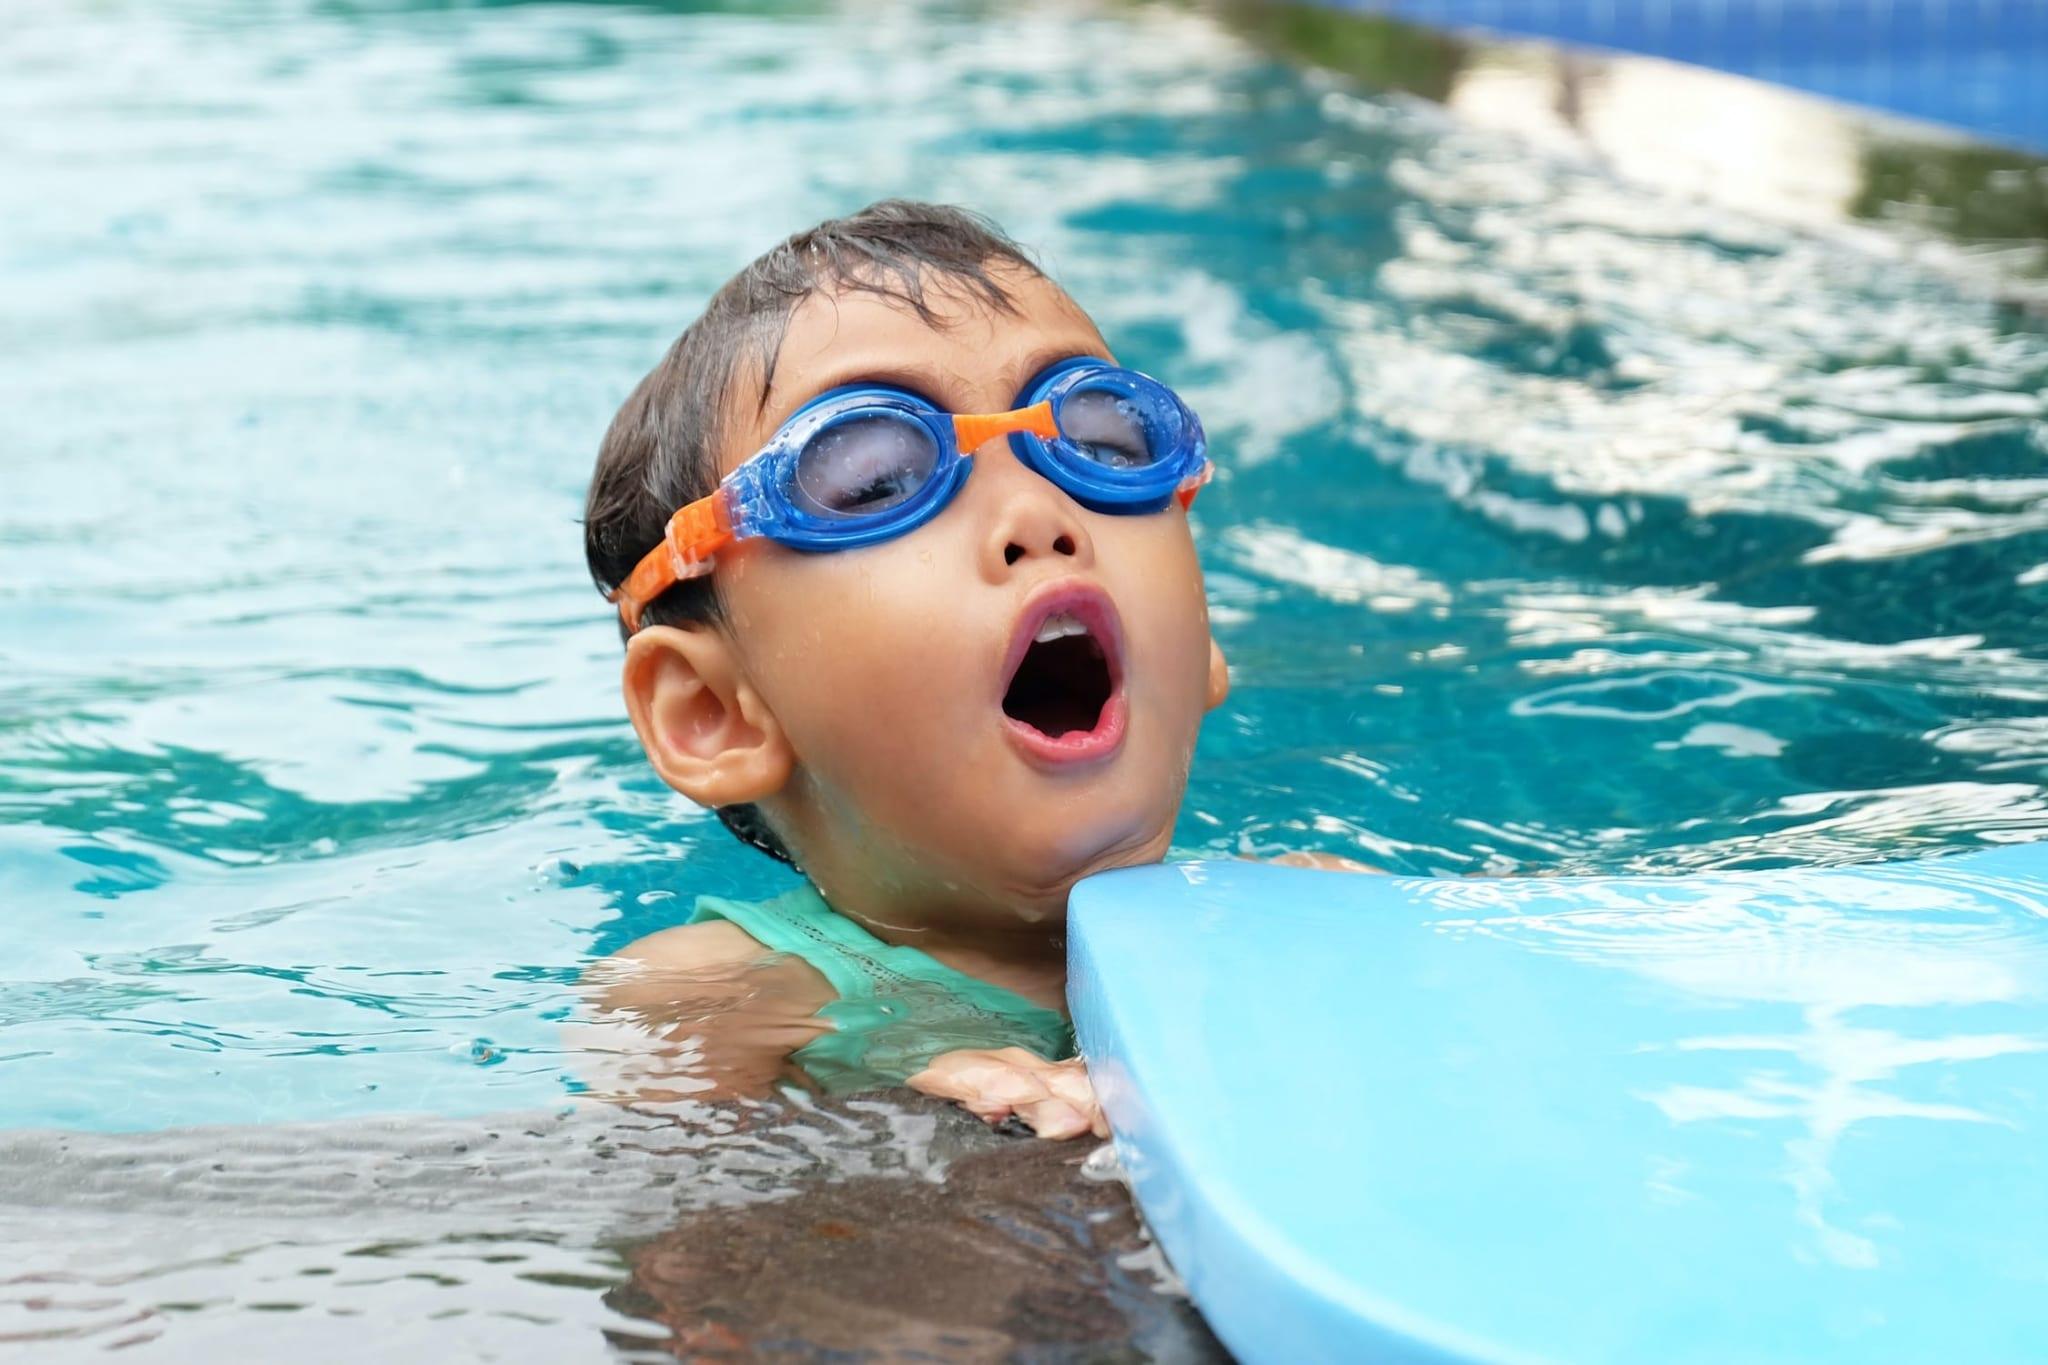 Kind mit Taucherbrille im Wasser